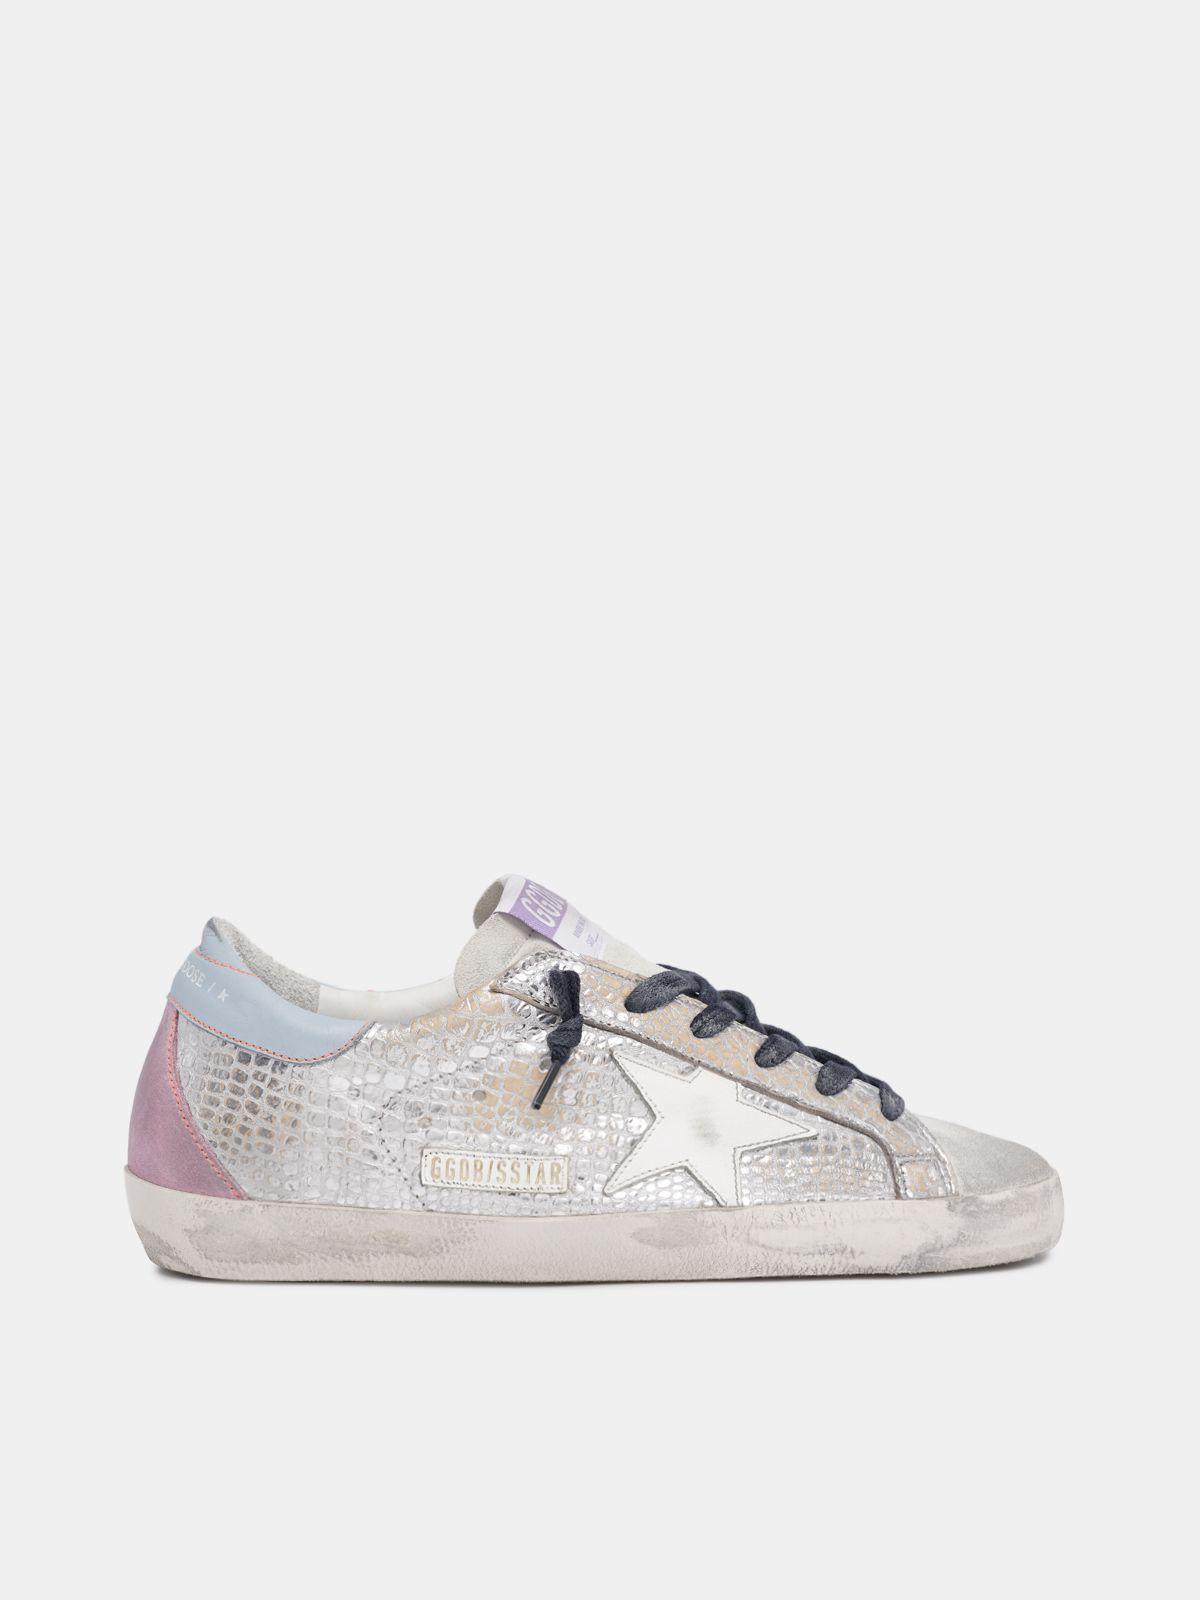 Golden Goose - Super-Star sneakers in metallic leather in